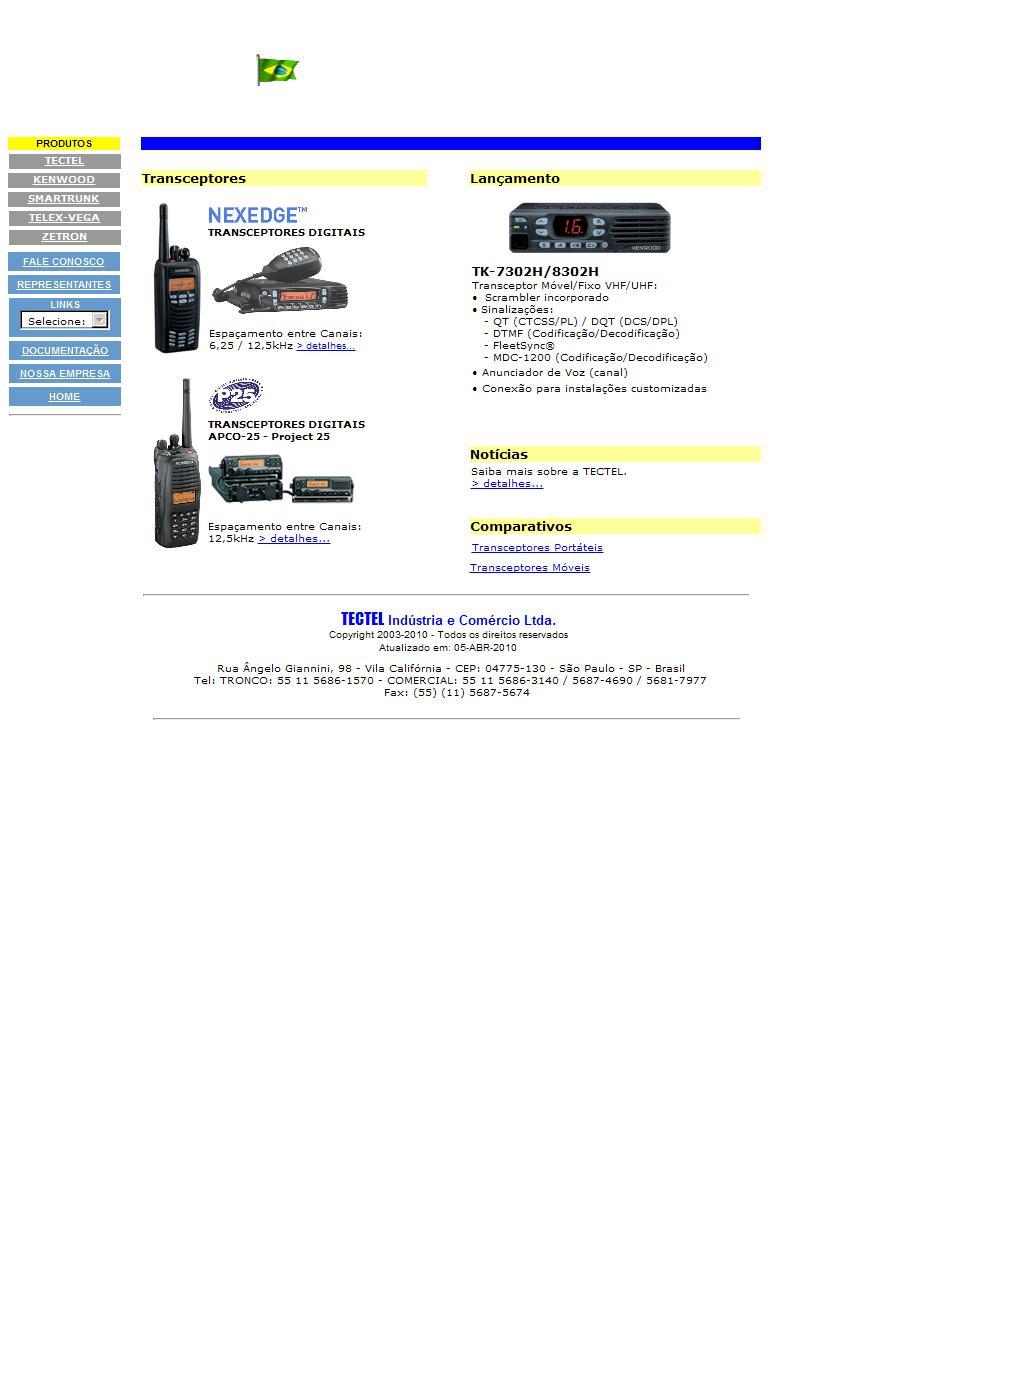 Tectel Ind. Com. Ltda - Sistemas de Radiocomunicação